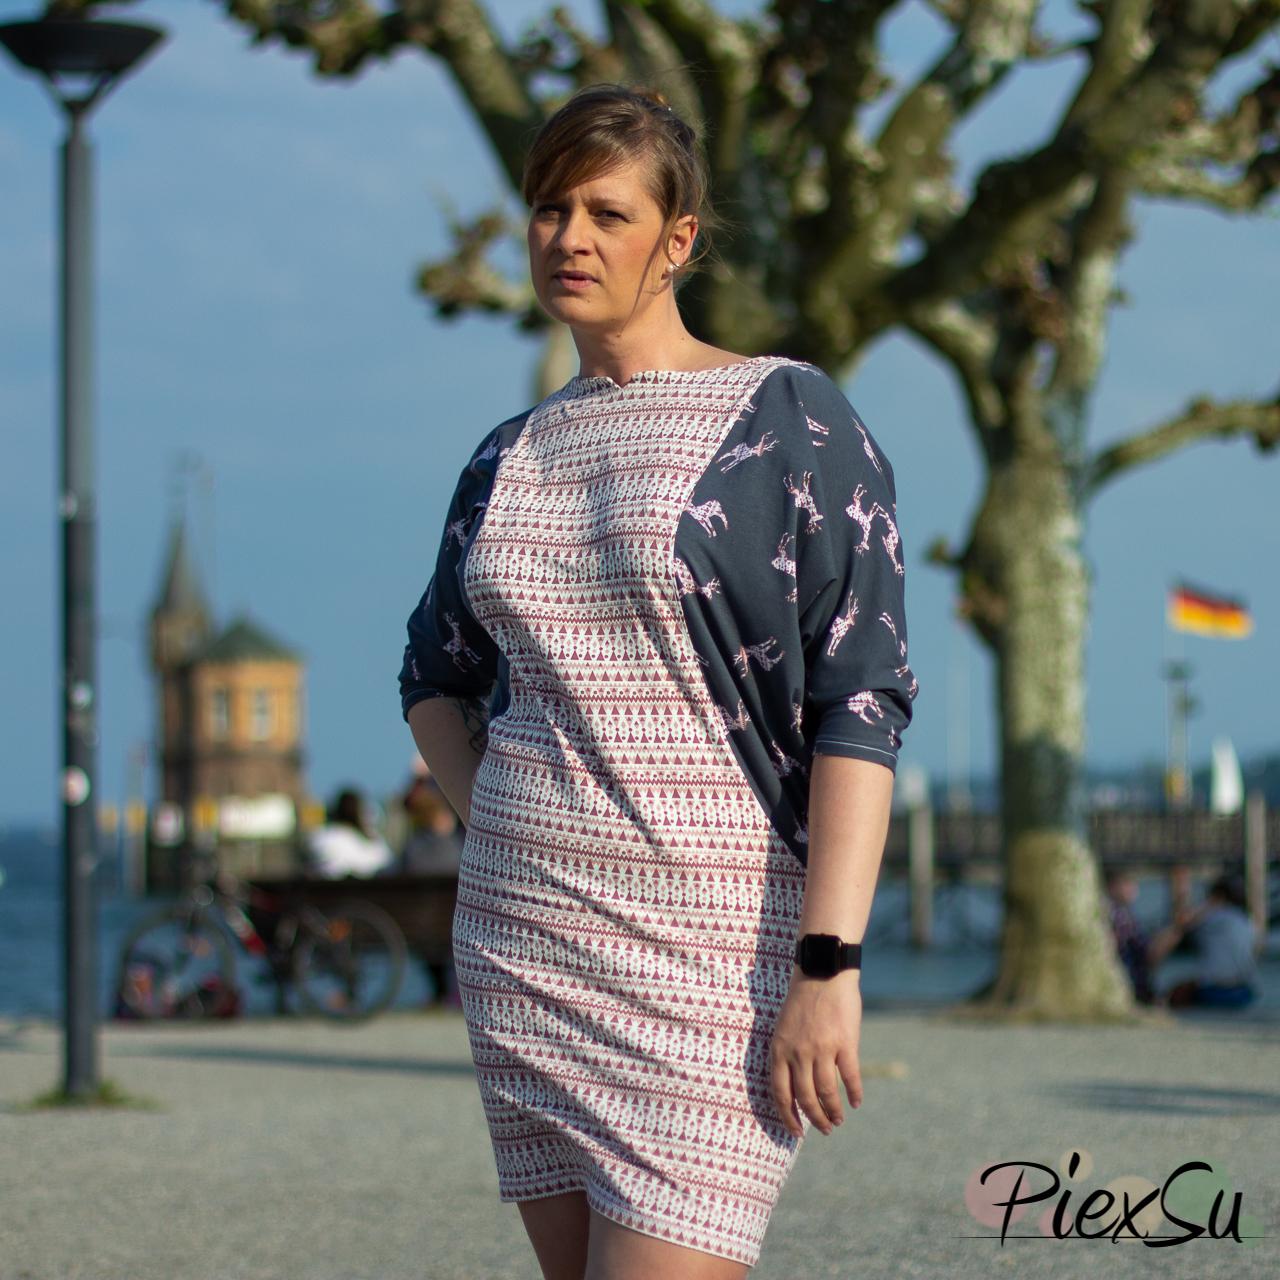 PiexSu Schnittmuster Fledermauskleid Bler nähen nähanleitung jersey-7564